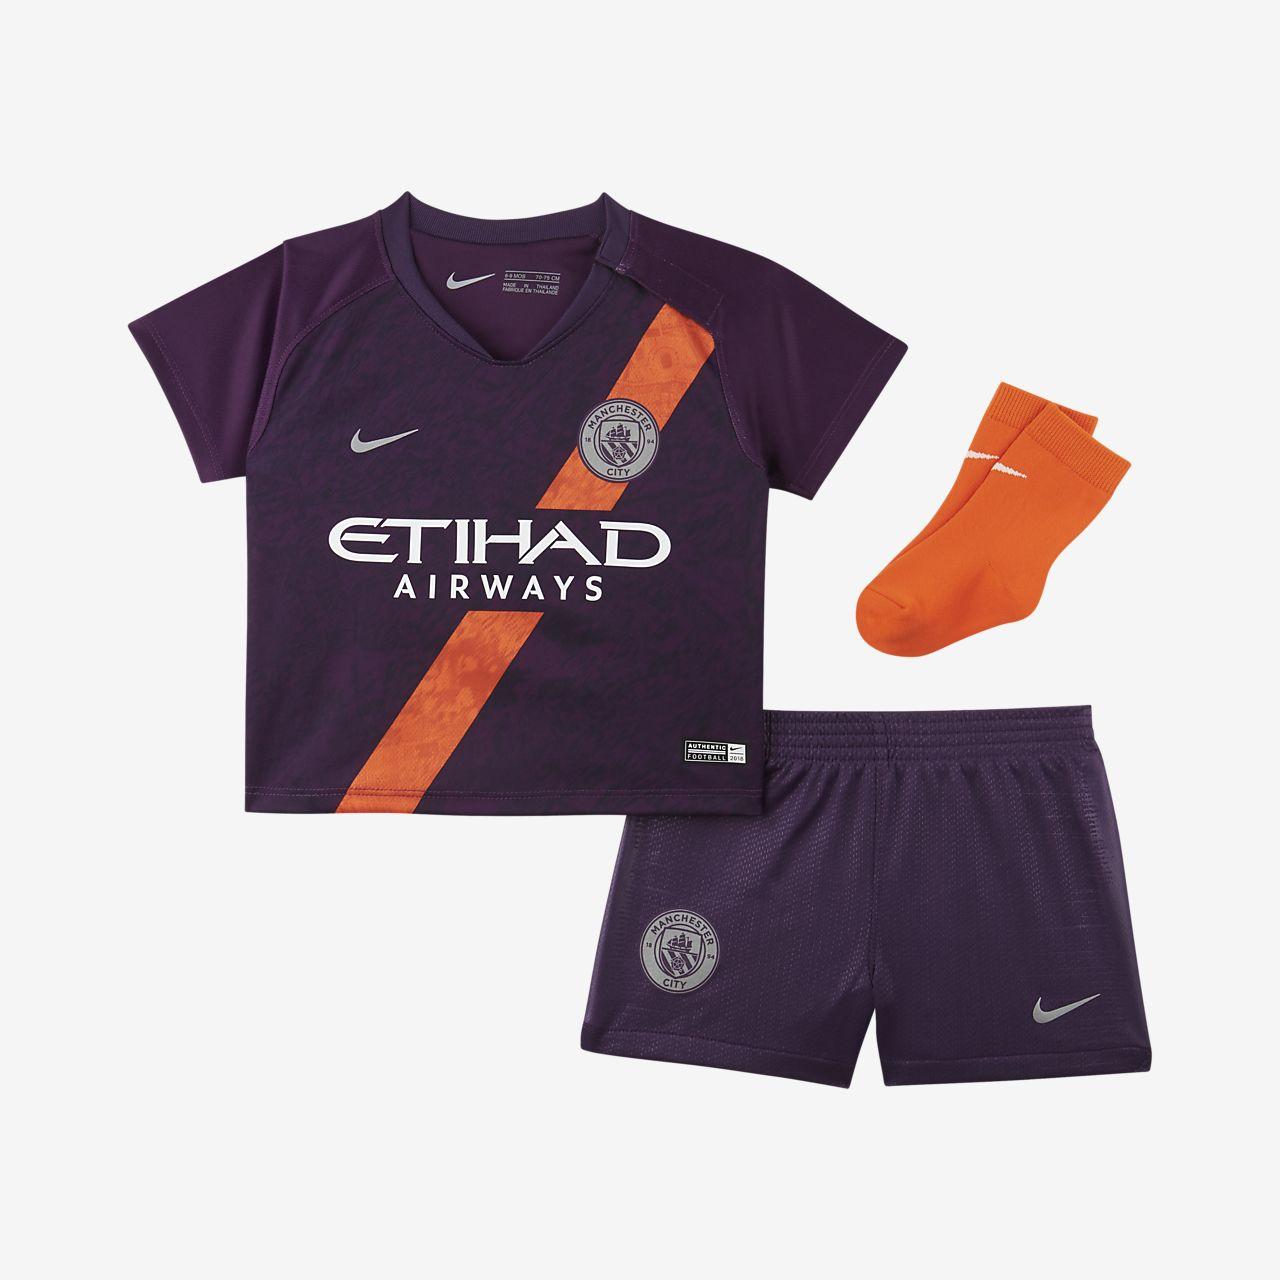 Manchester City FC 2018/19 tredjedraktsett til spedbarn